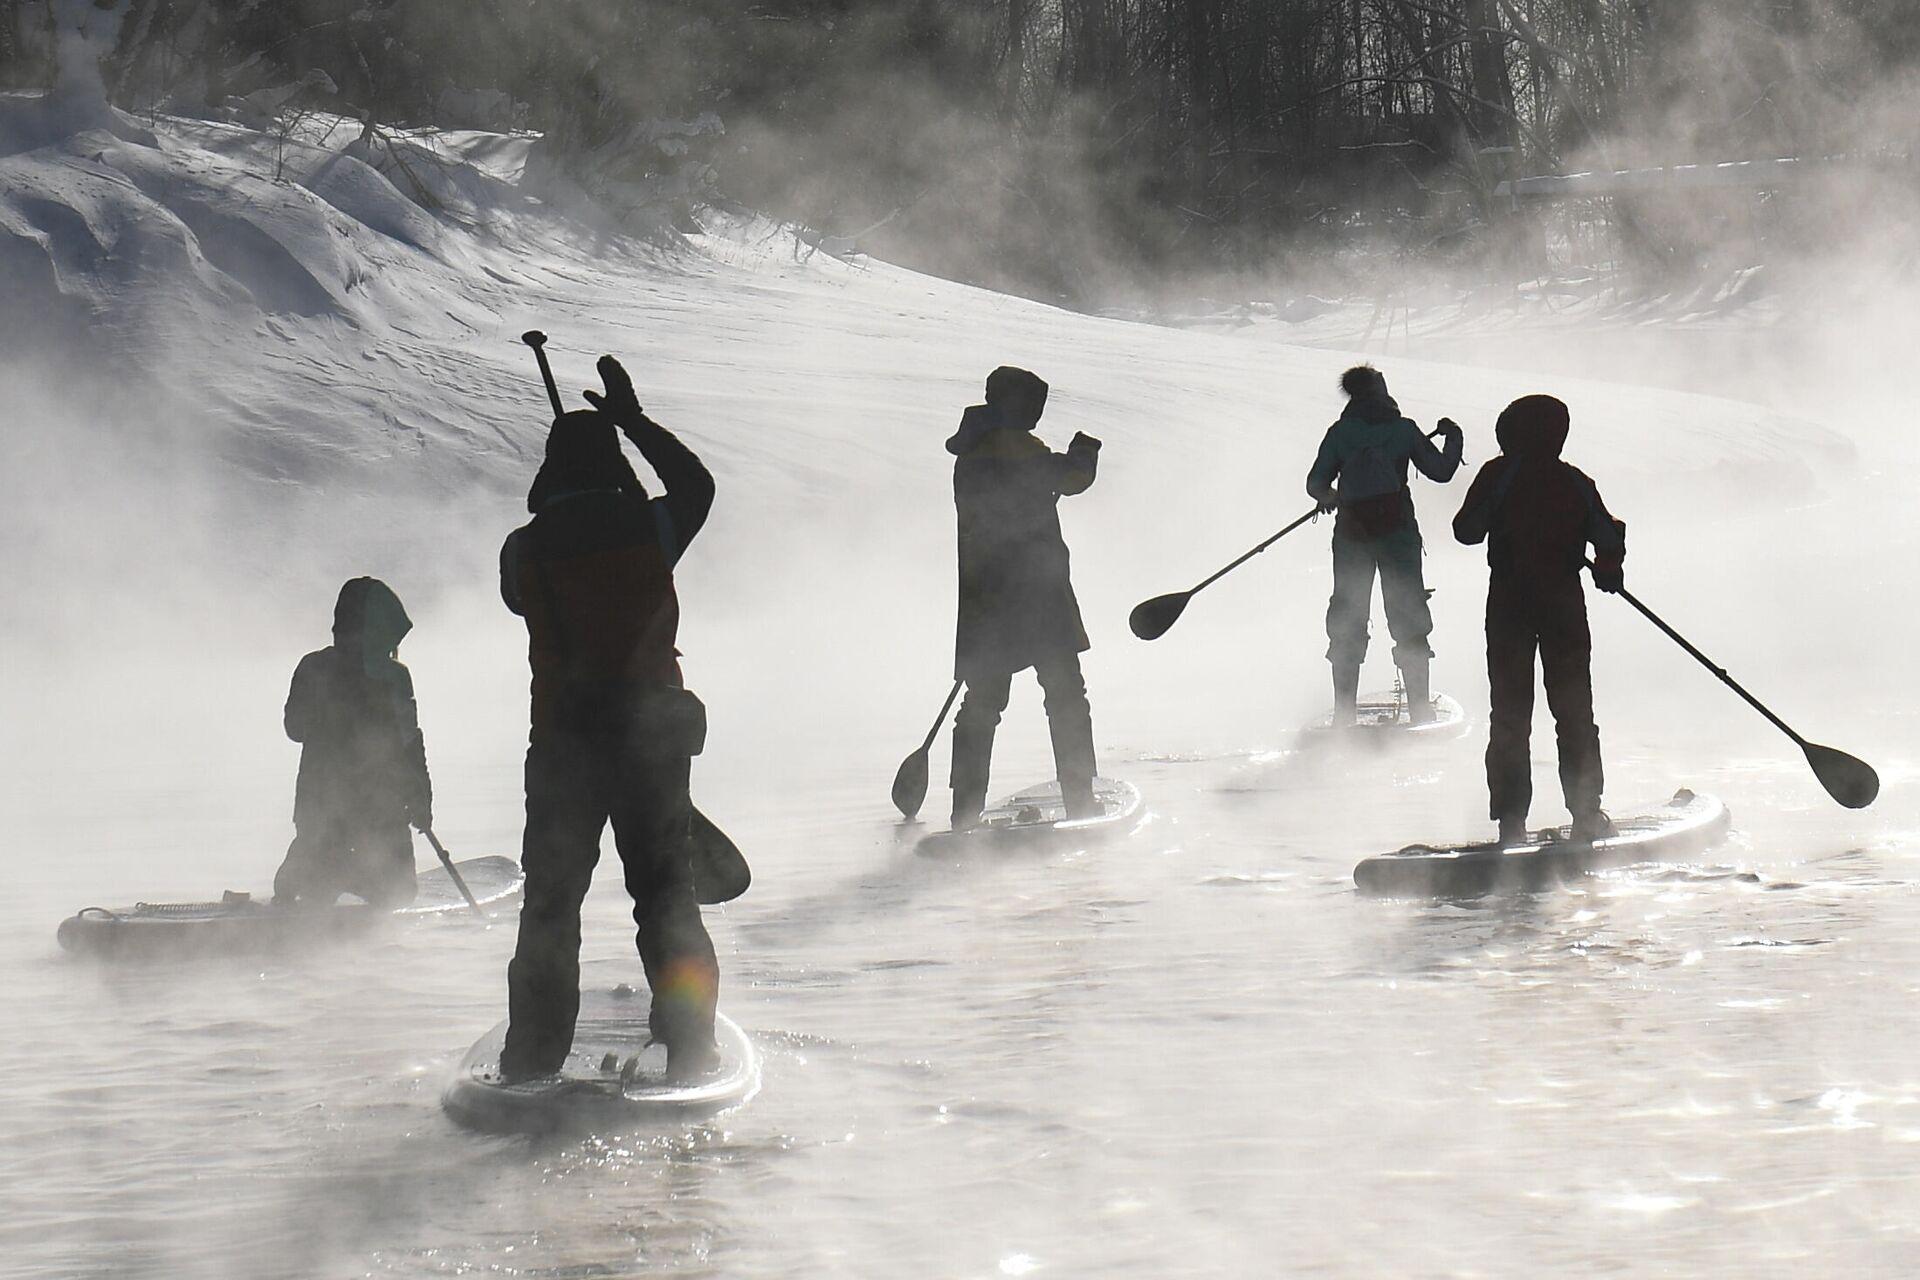 Зимний сап-серфинг в Новосибирске - РИА Новости, 1920, 29.09.2021